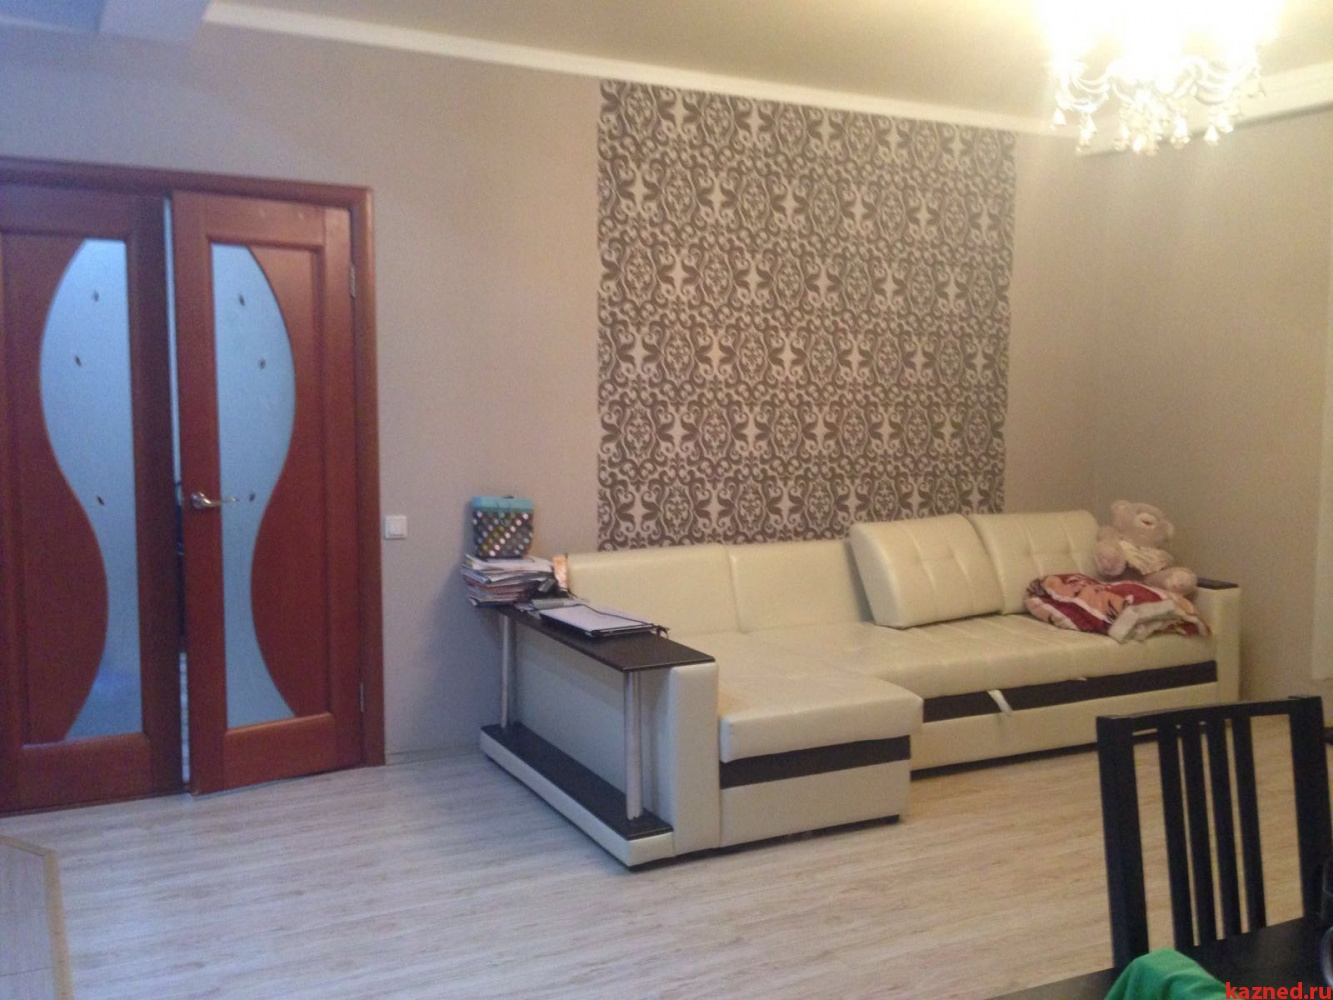 Продажа 3-к квартиры Баруди,18, 70 м²  (миниатюра №3)